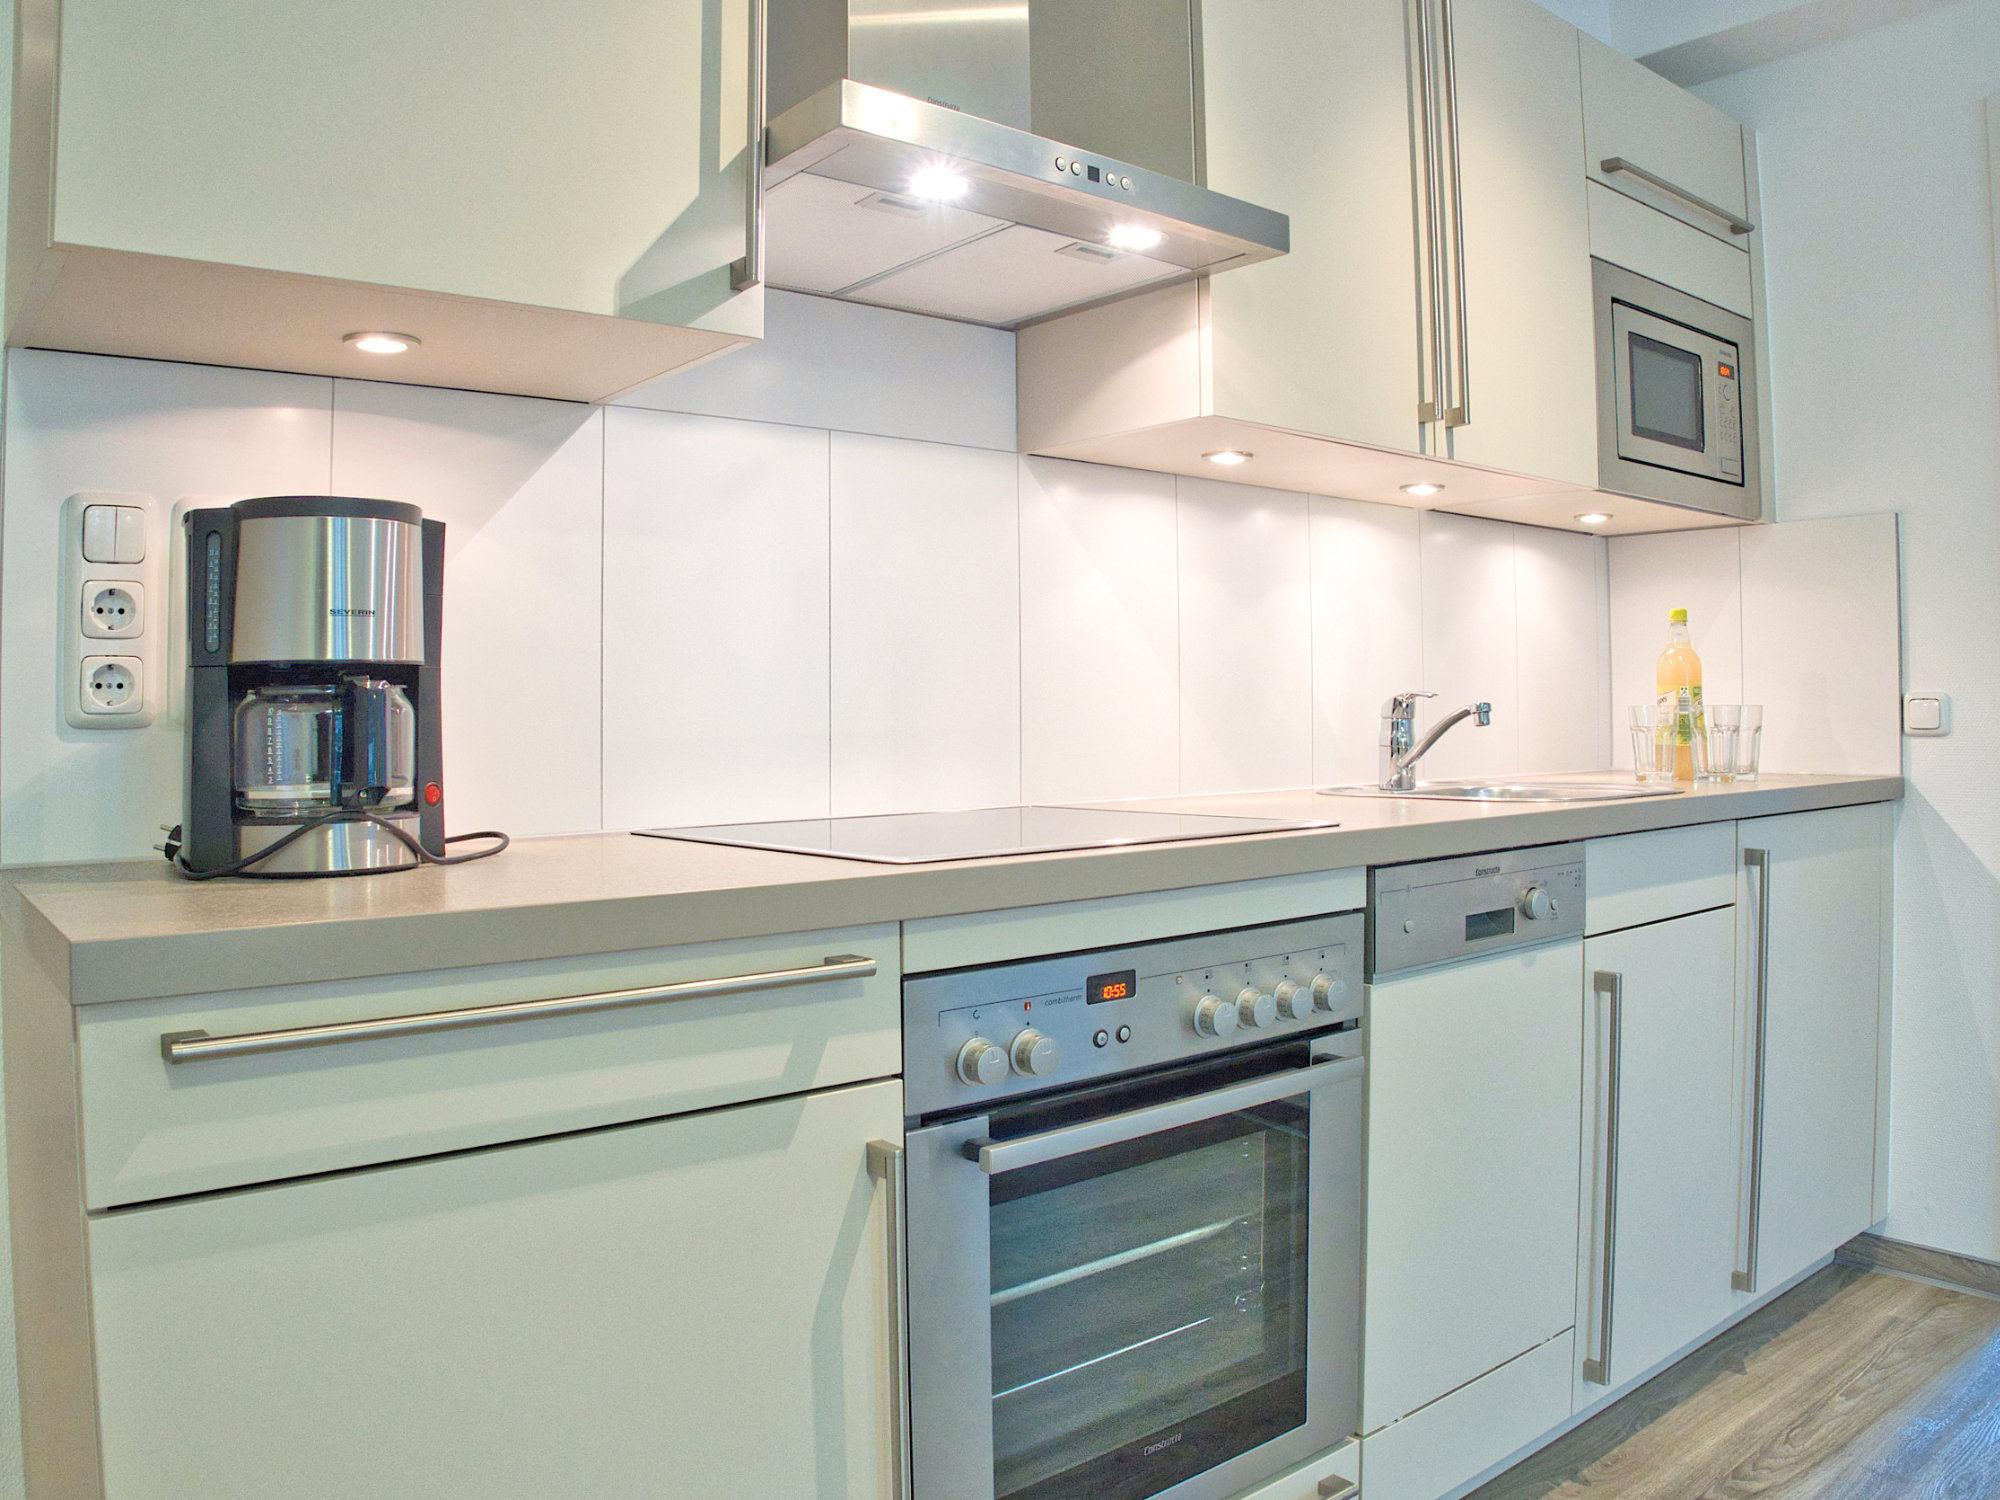 moderne Küchenzeile mit Backofen und technischen Geräten